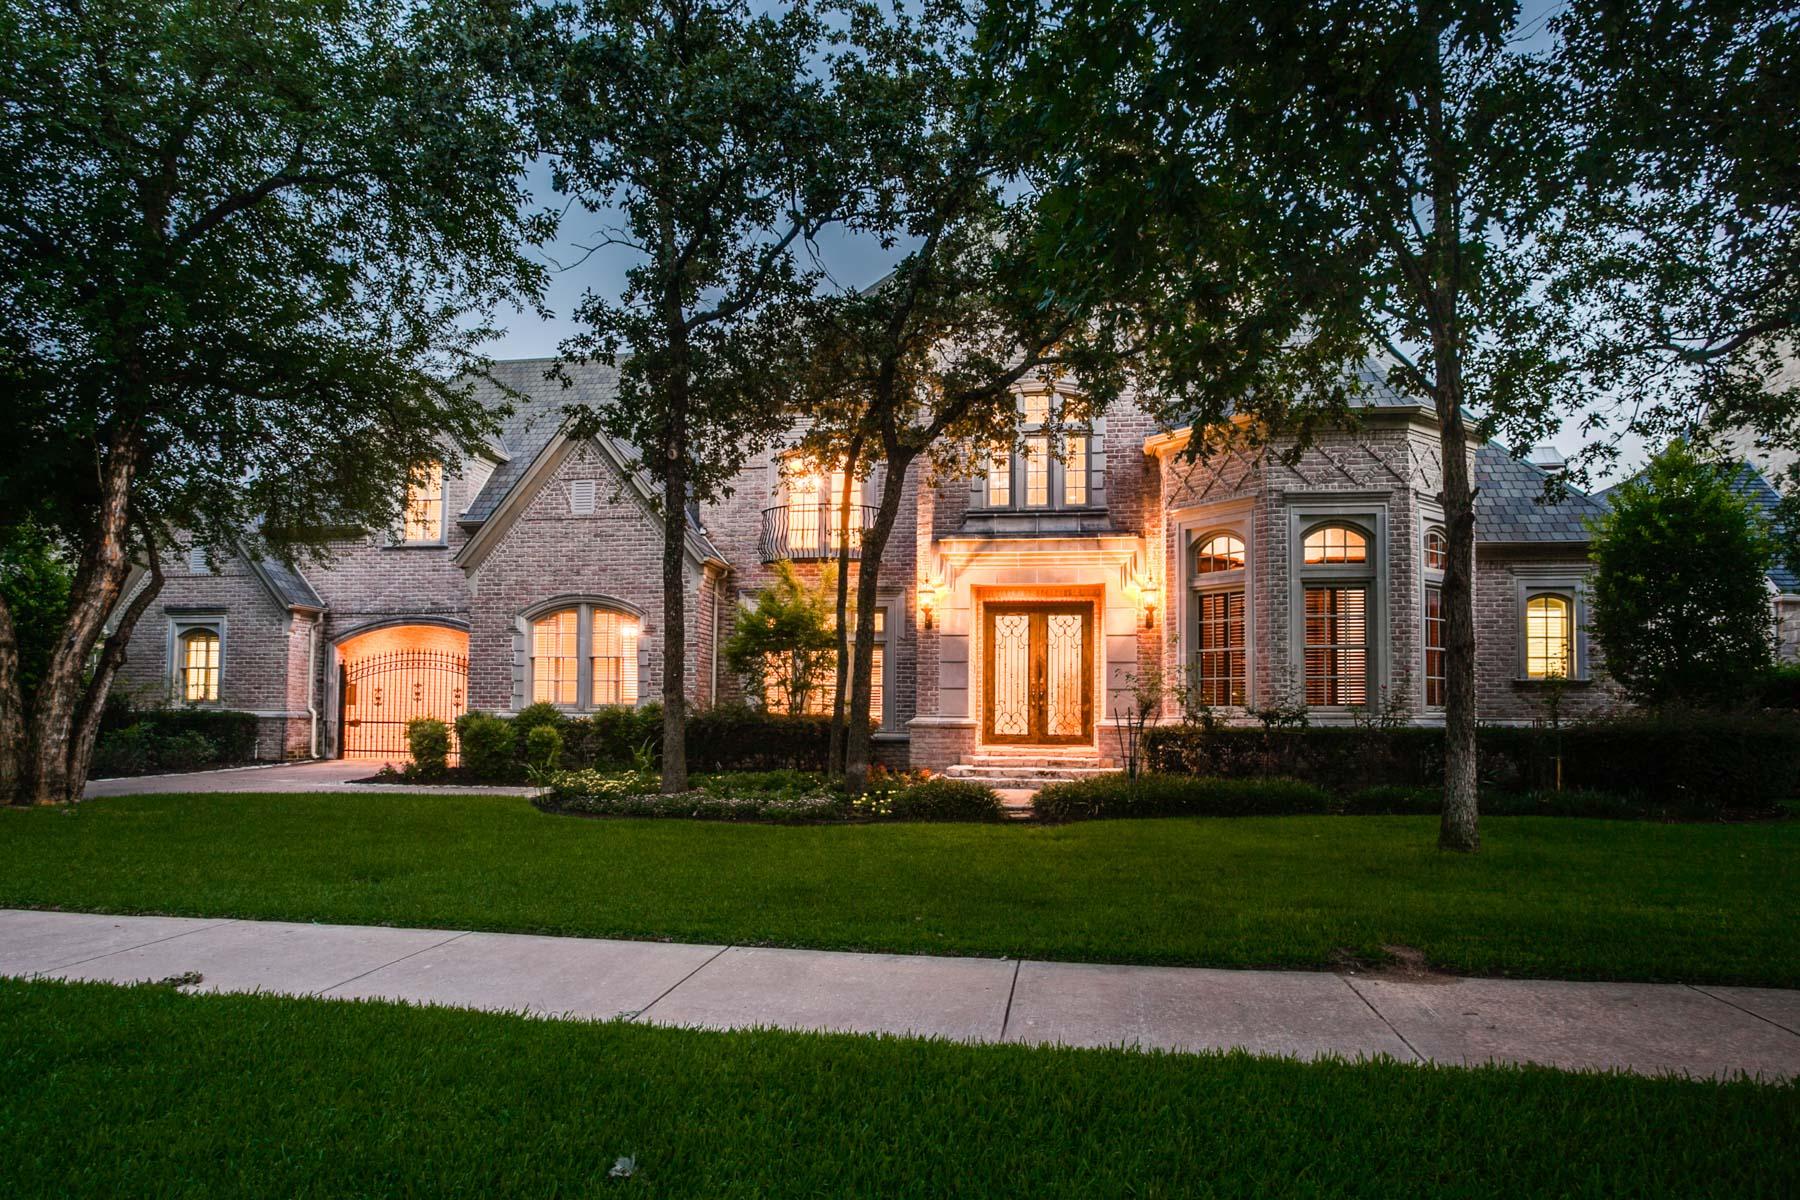 Частный односемейный дом для того Продажа на Beautiful Leyton Grove Estate 2301 Carlisle Ave Colleyville, Техас, 76034 Соединенные Штаты